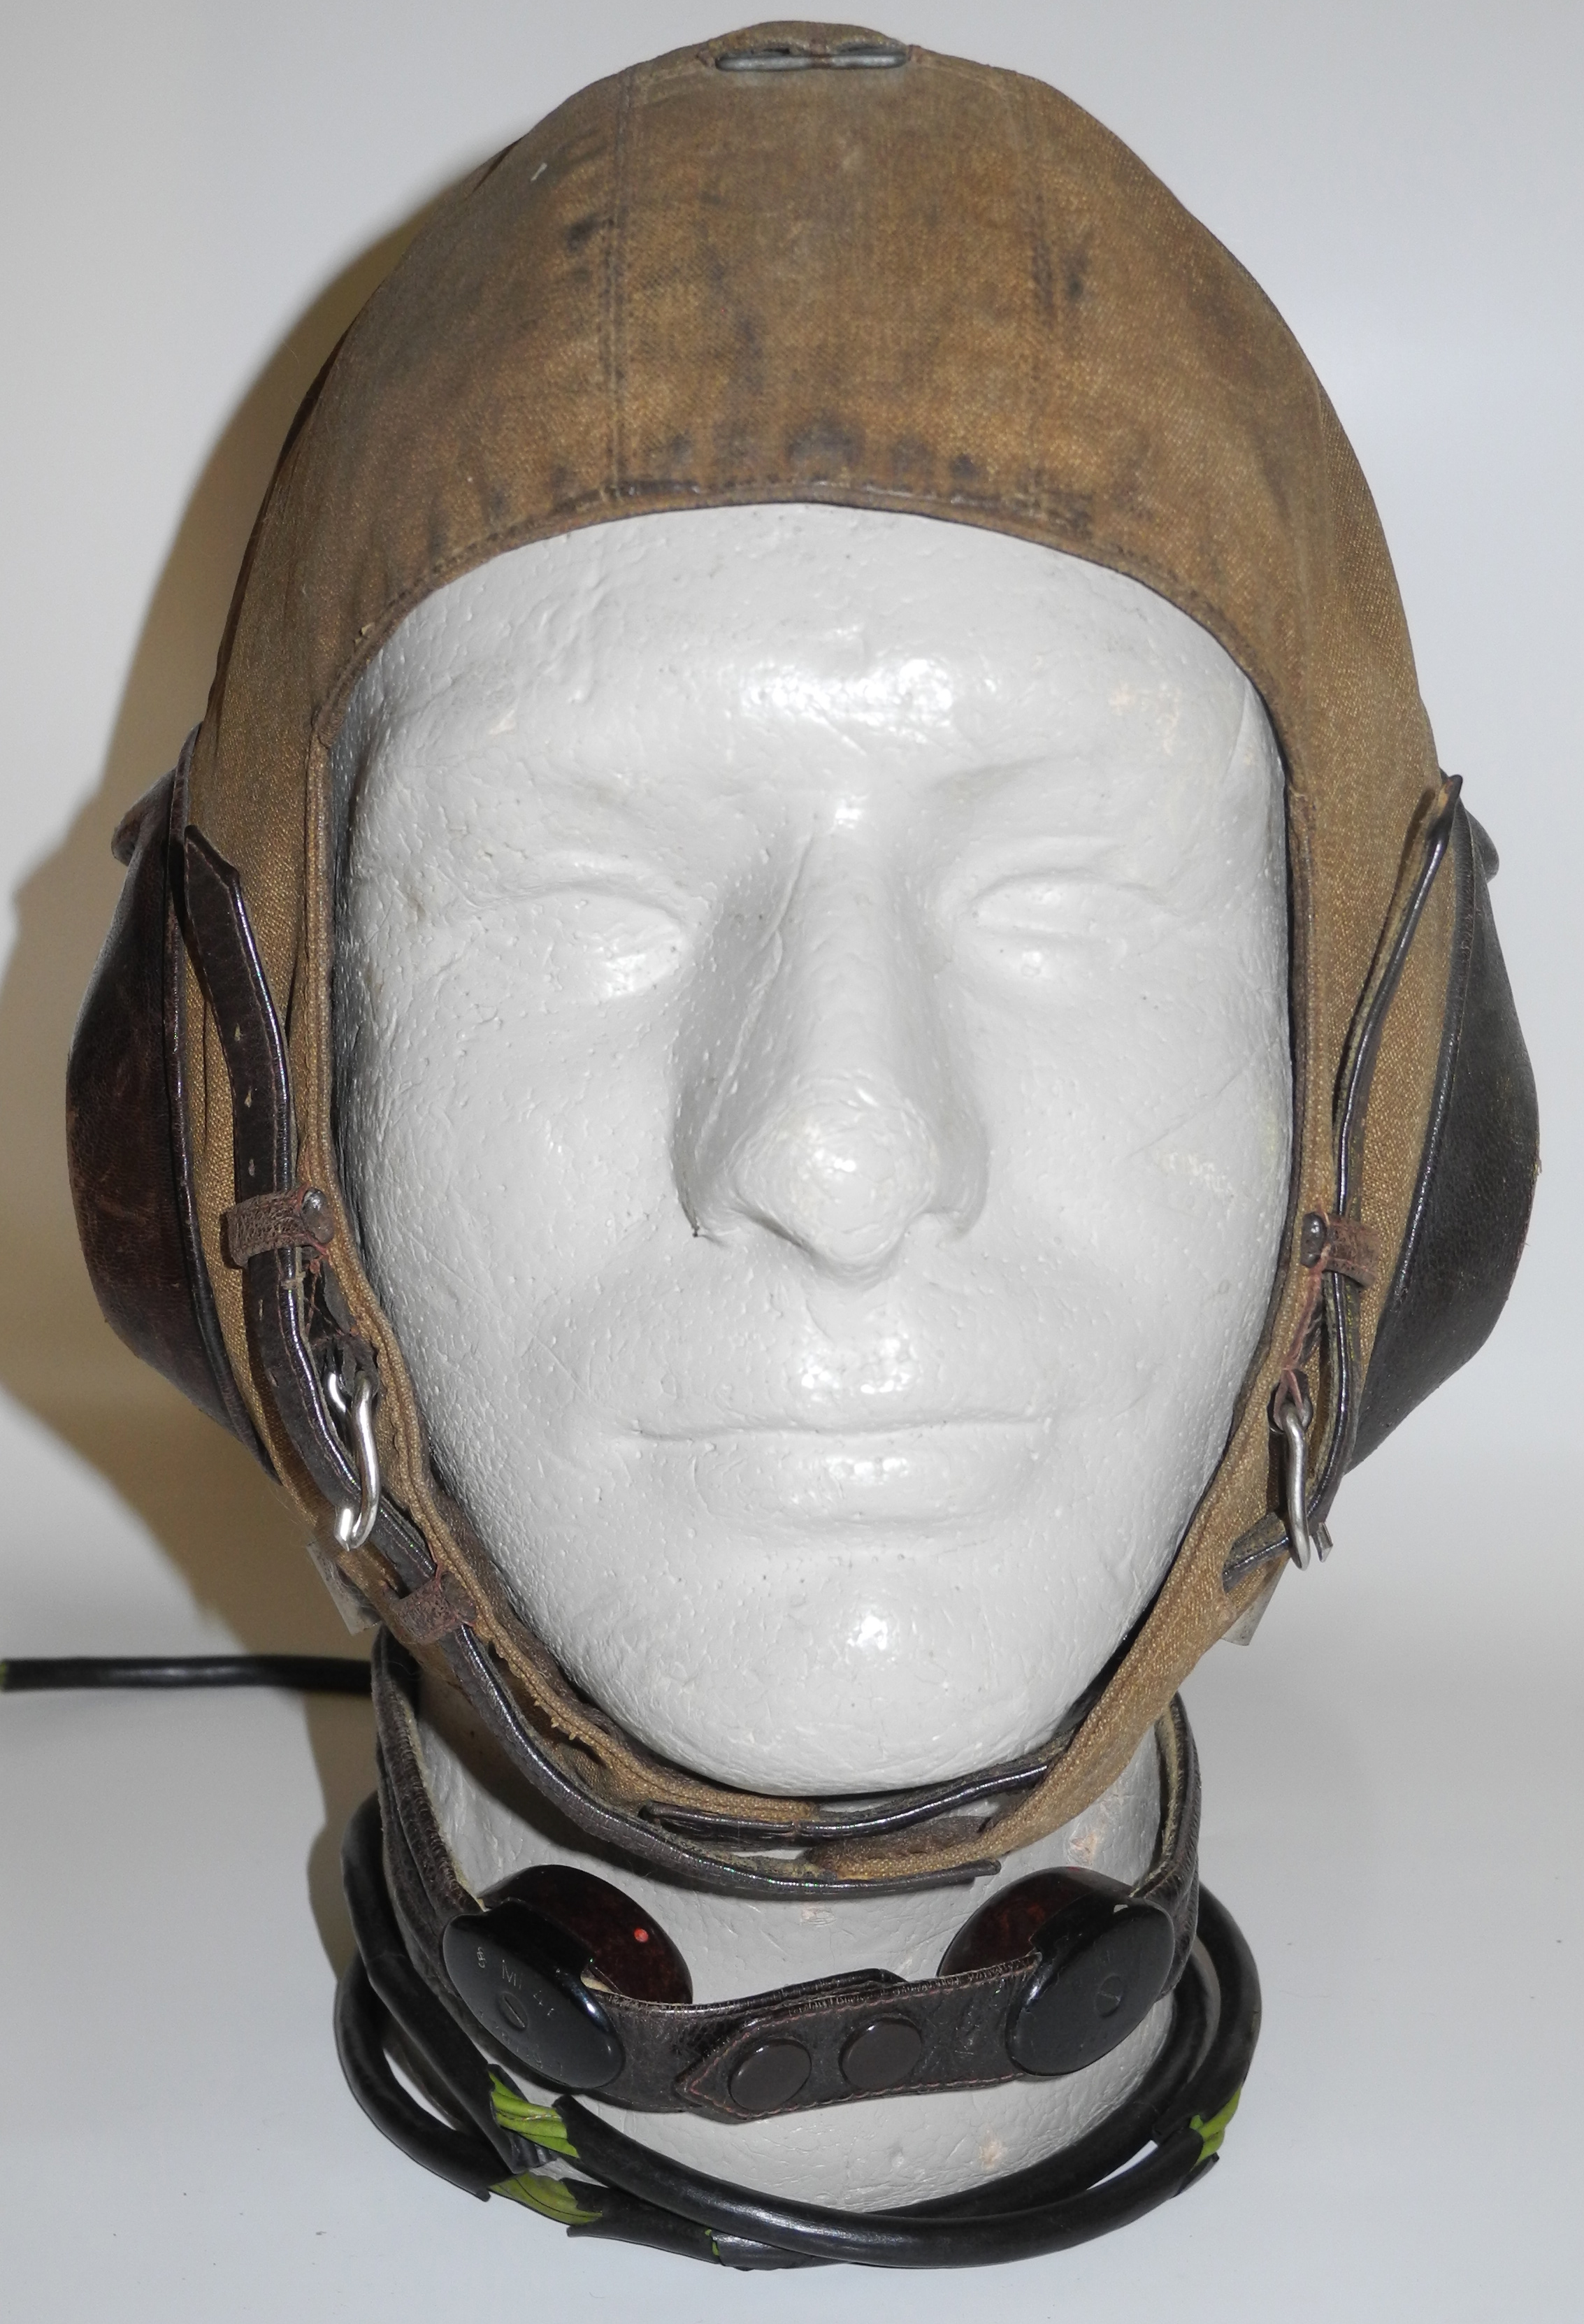 LW LKpS101 summer flying helmet